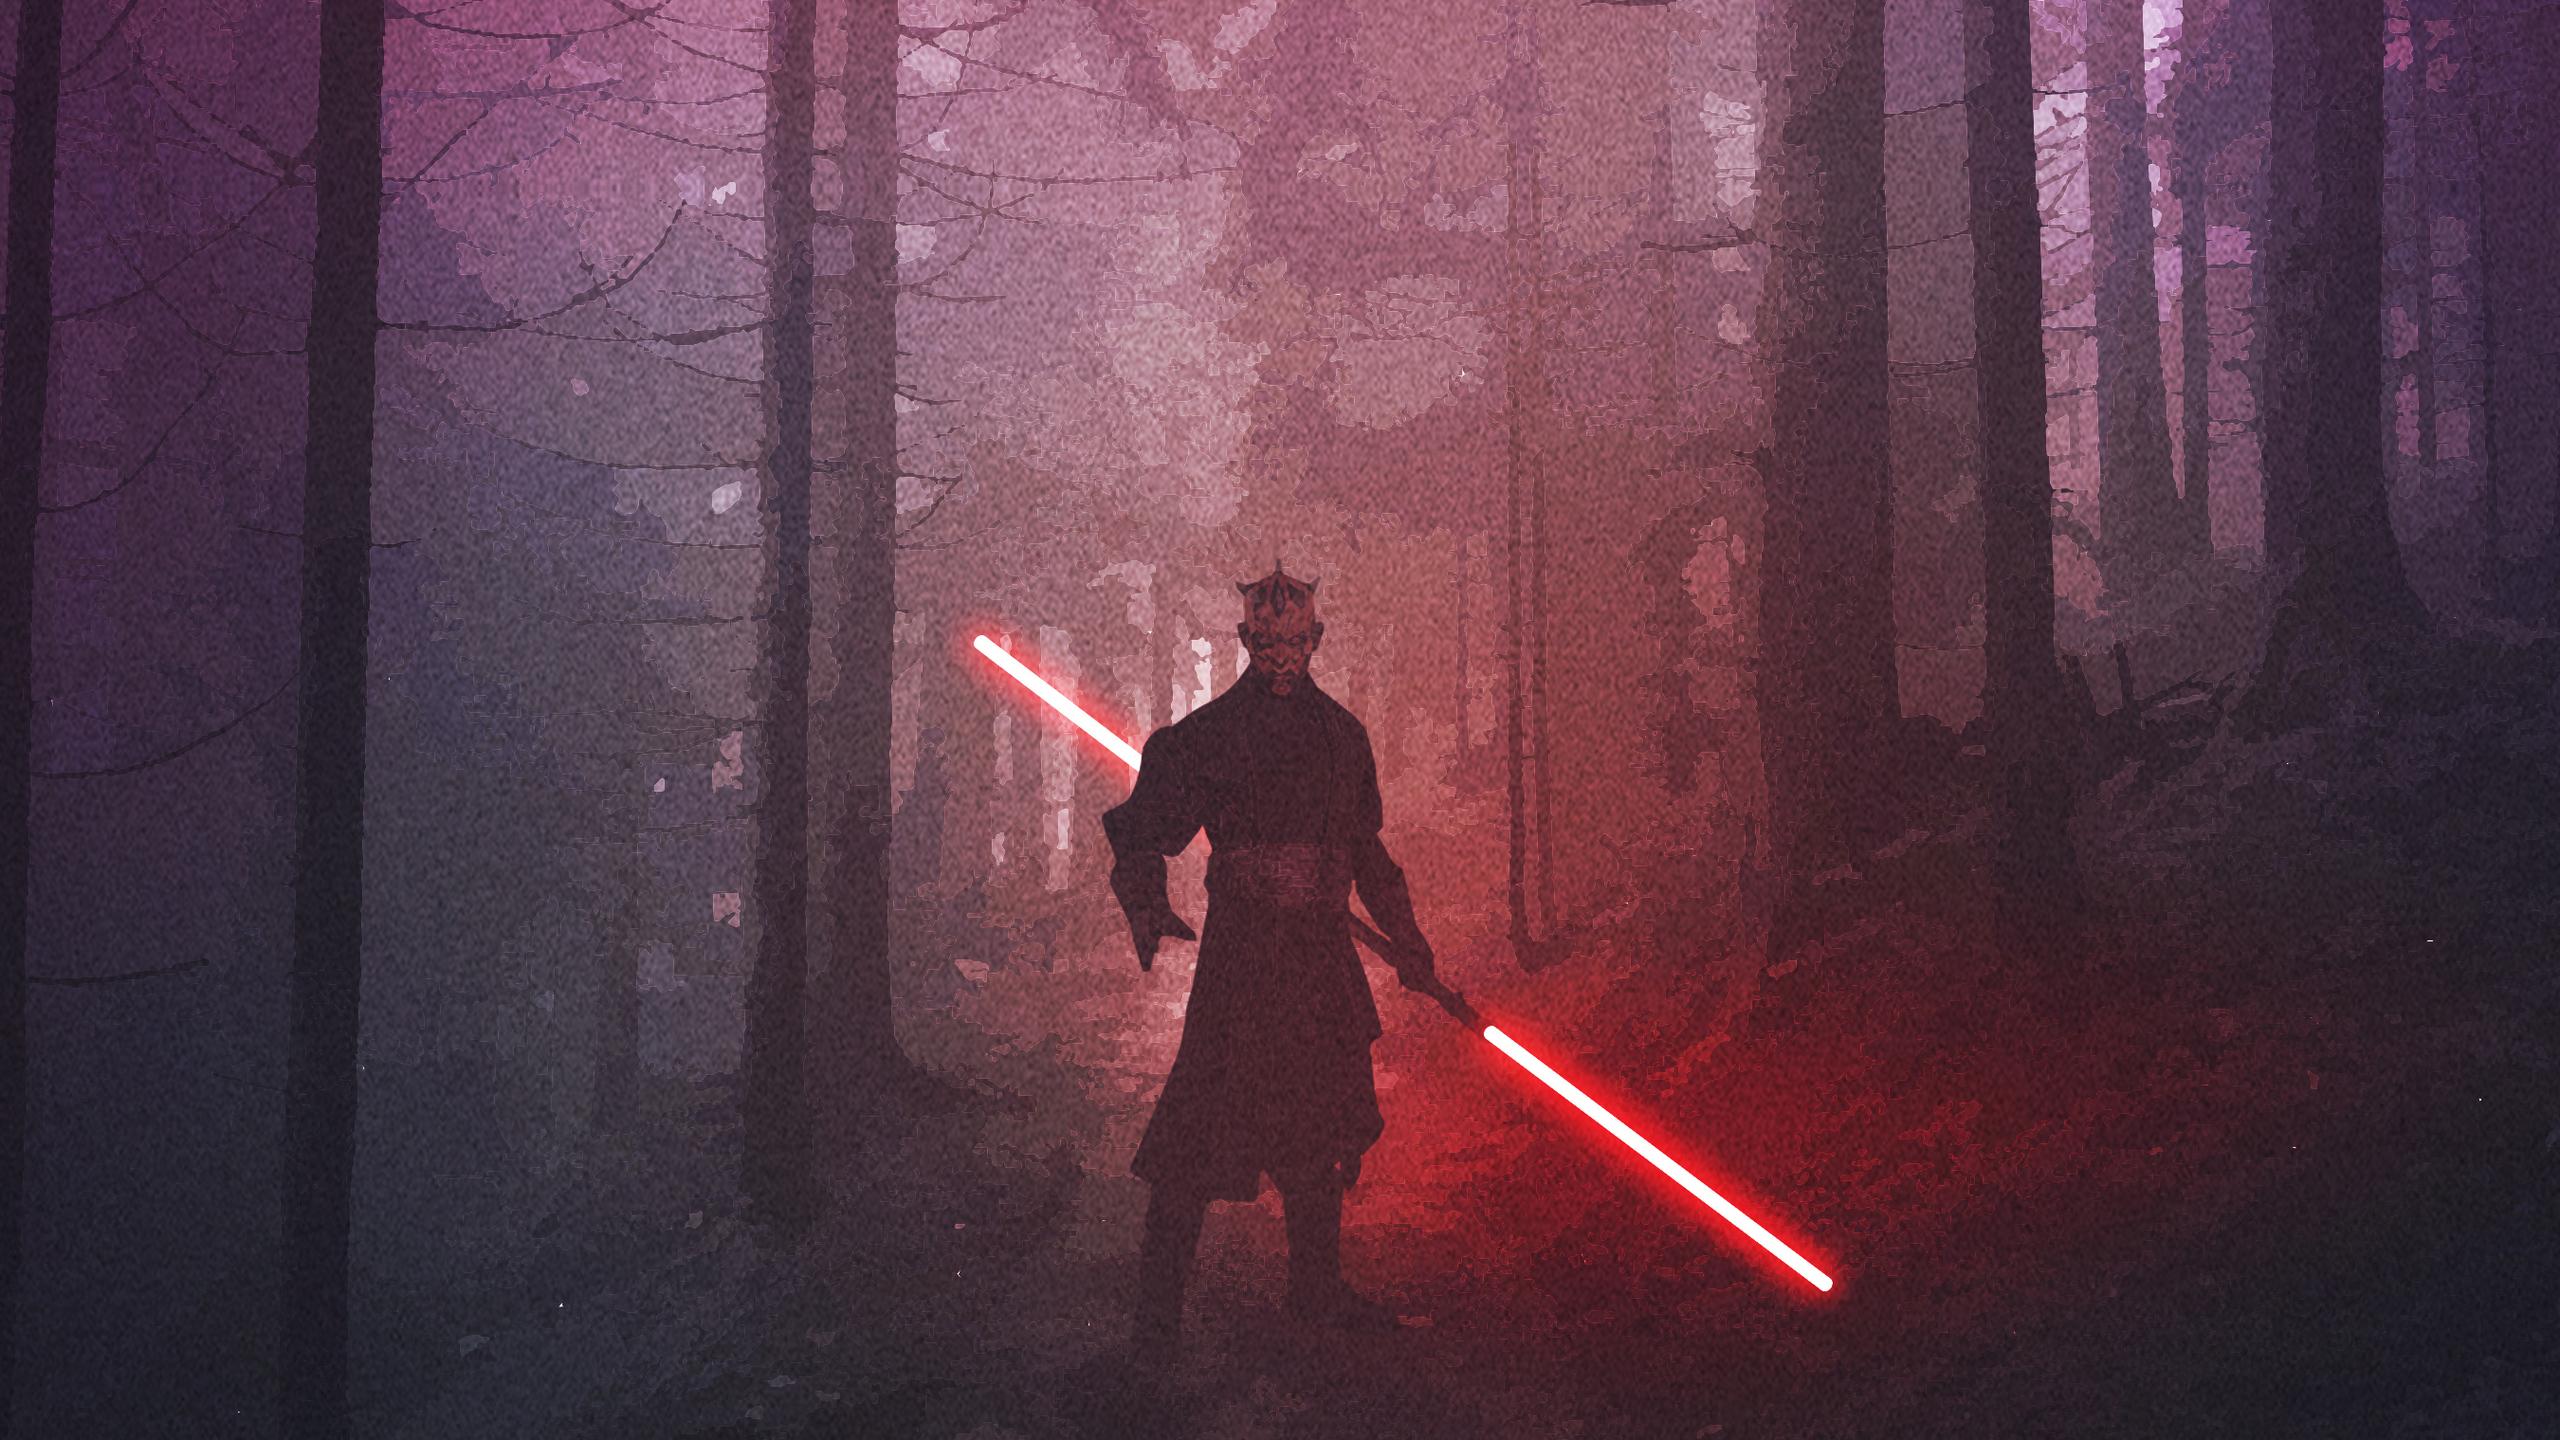 darth maul star wars fanart 8a